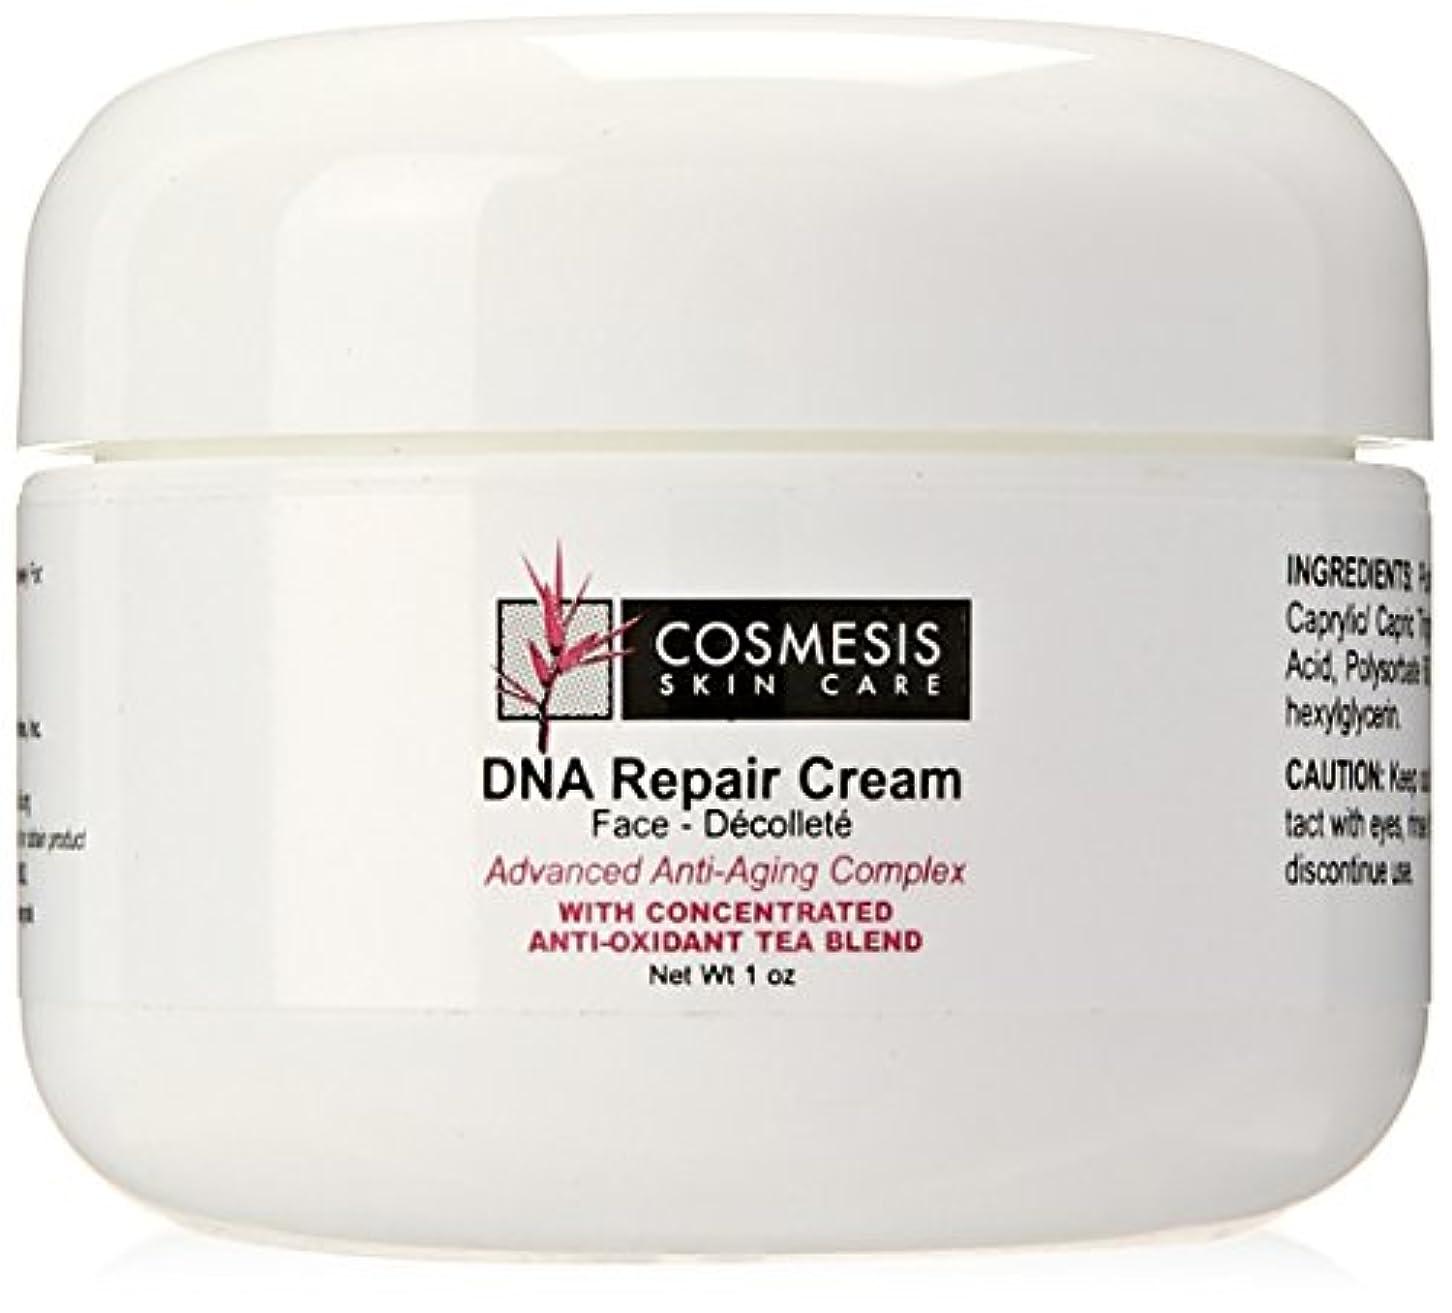 作りインチ義務的DNAリペアクリーム(Repair Cream) / 1オンス 海外直送品